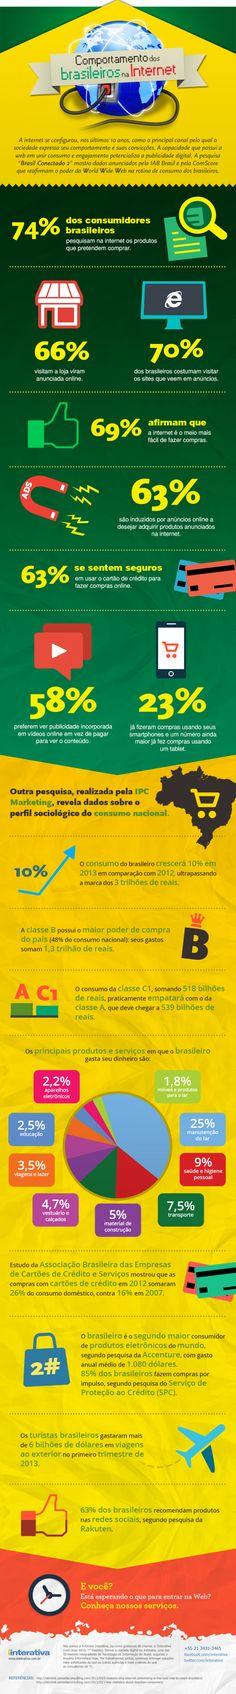 Infográfico: O consumo dos brasileiros na internet